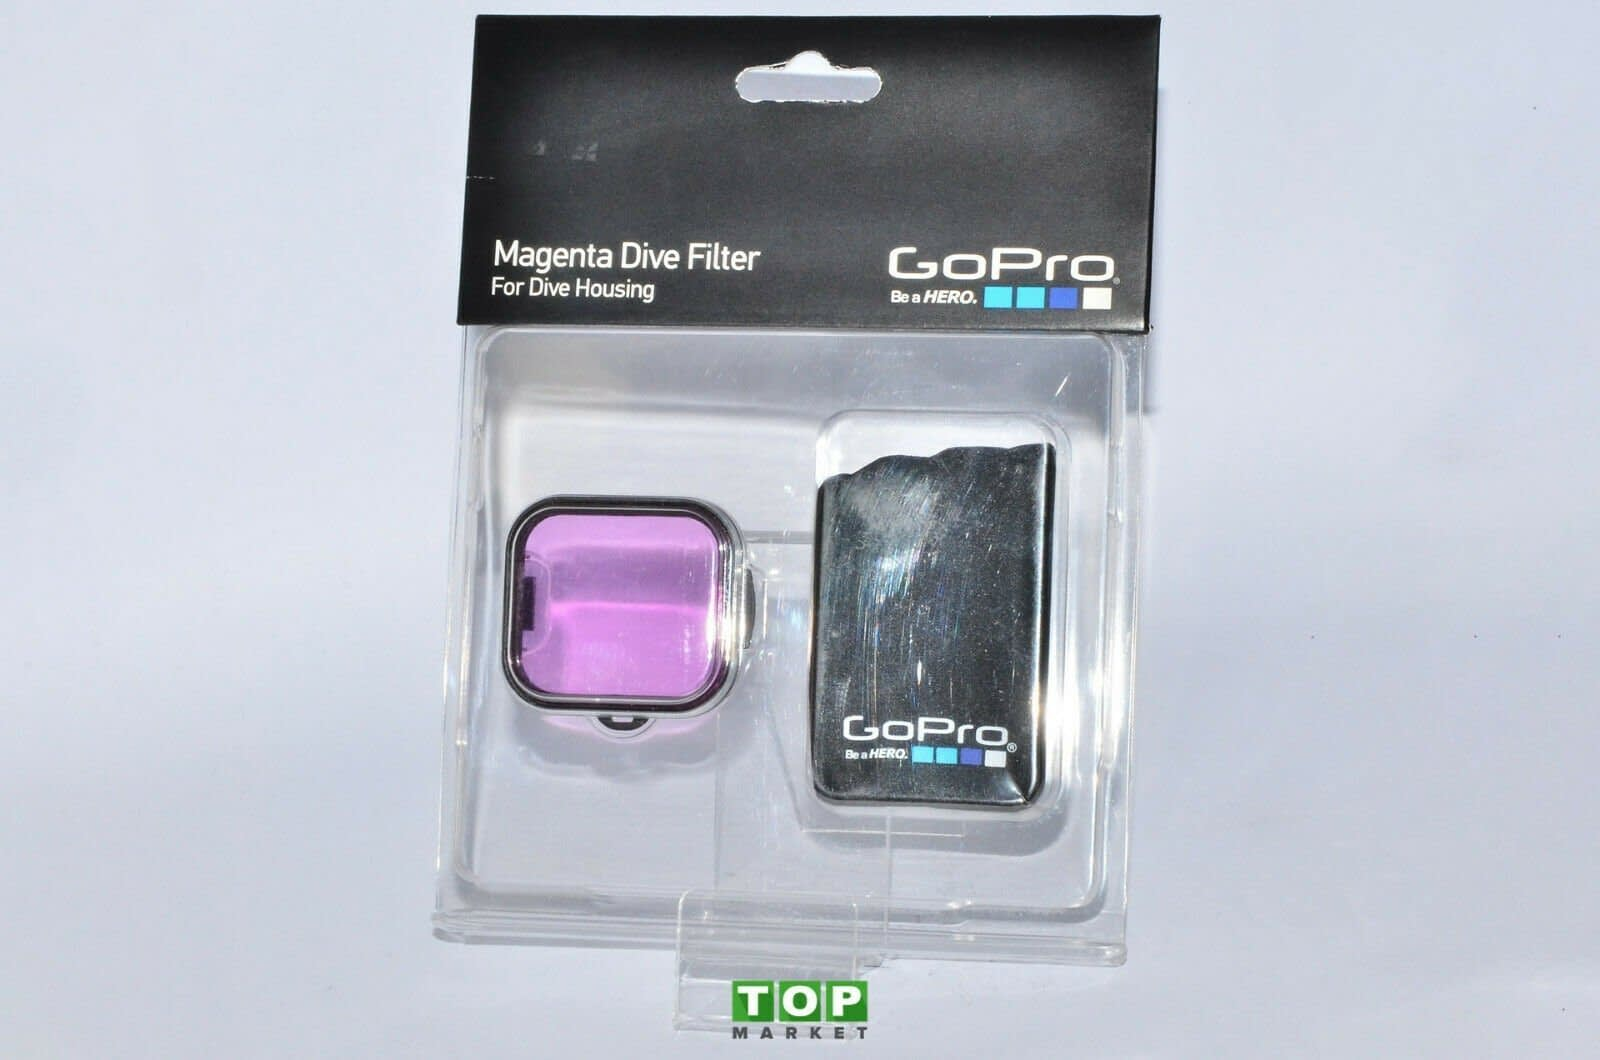 GOPRO ADVFM301 150106 MAGENTA DIVE FILTER FOR DIVE HOUSING